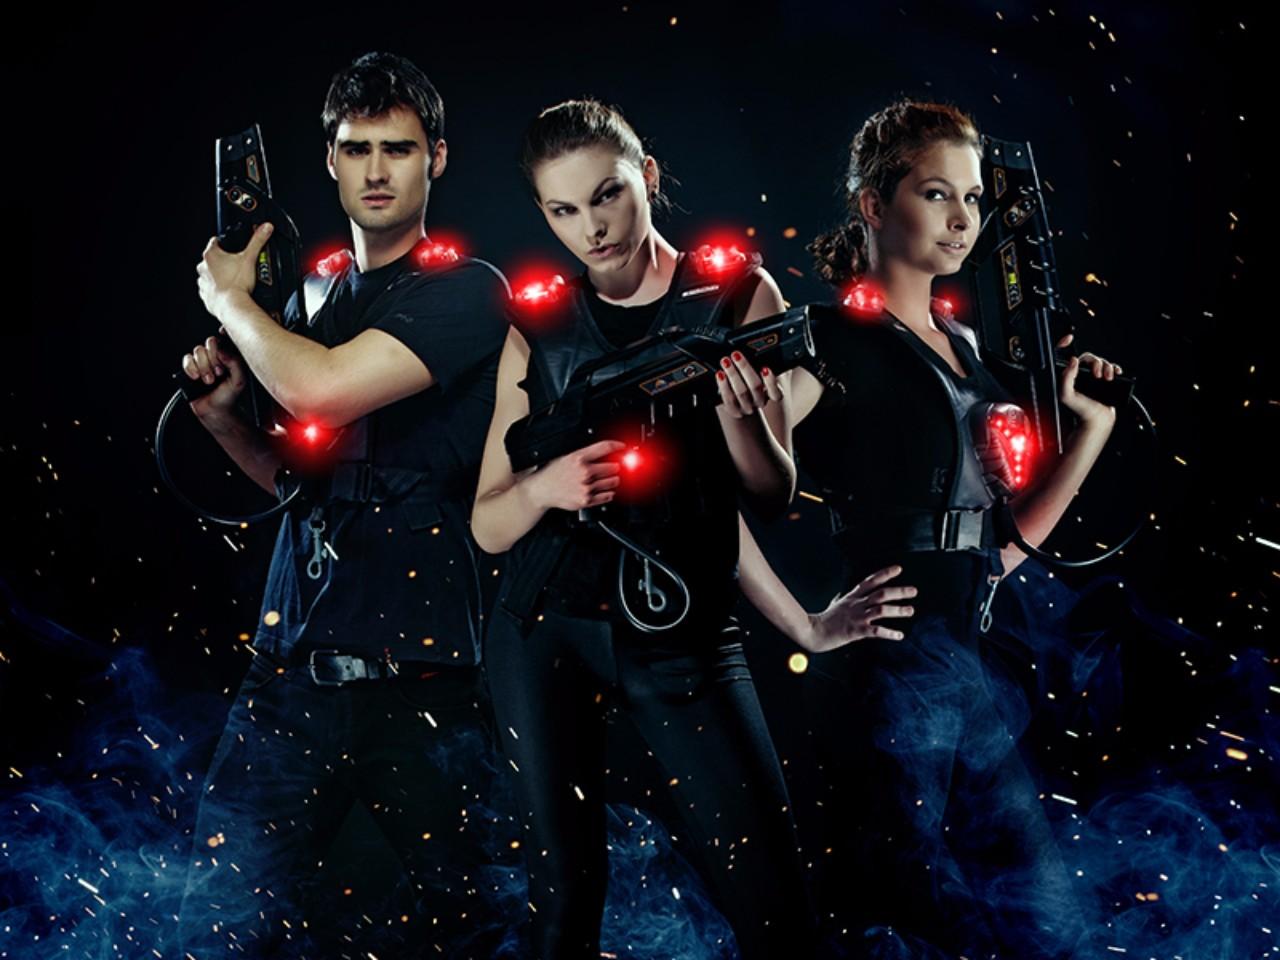 Hledáte skutečnou zábavu, která se neomrzí? Je tu laser game v Praze!